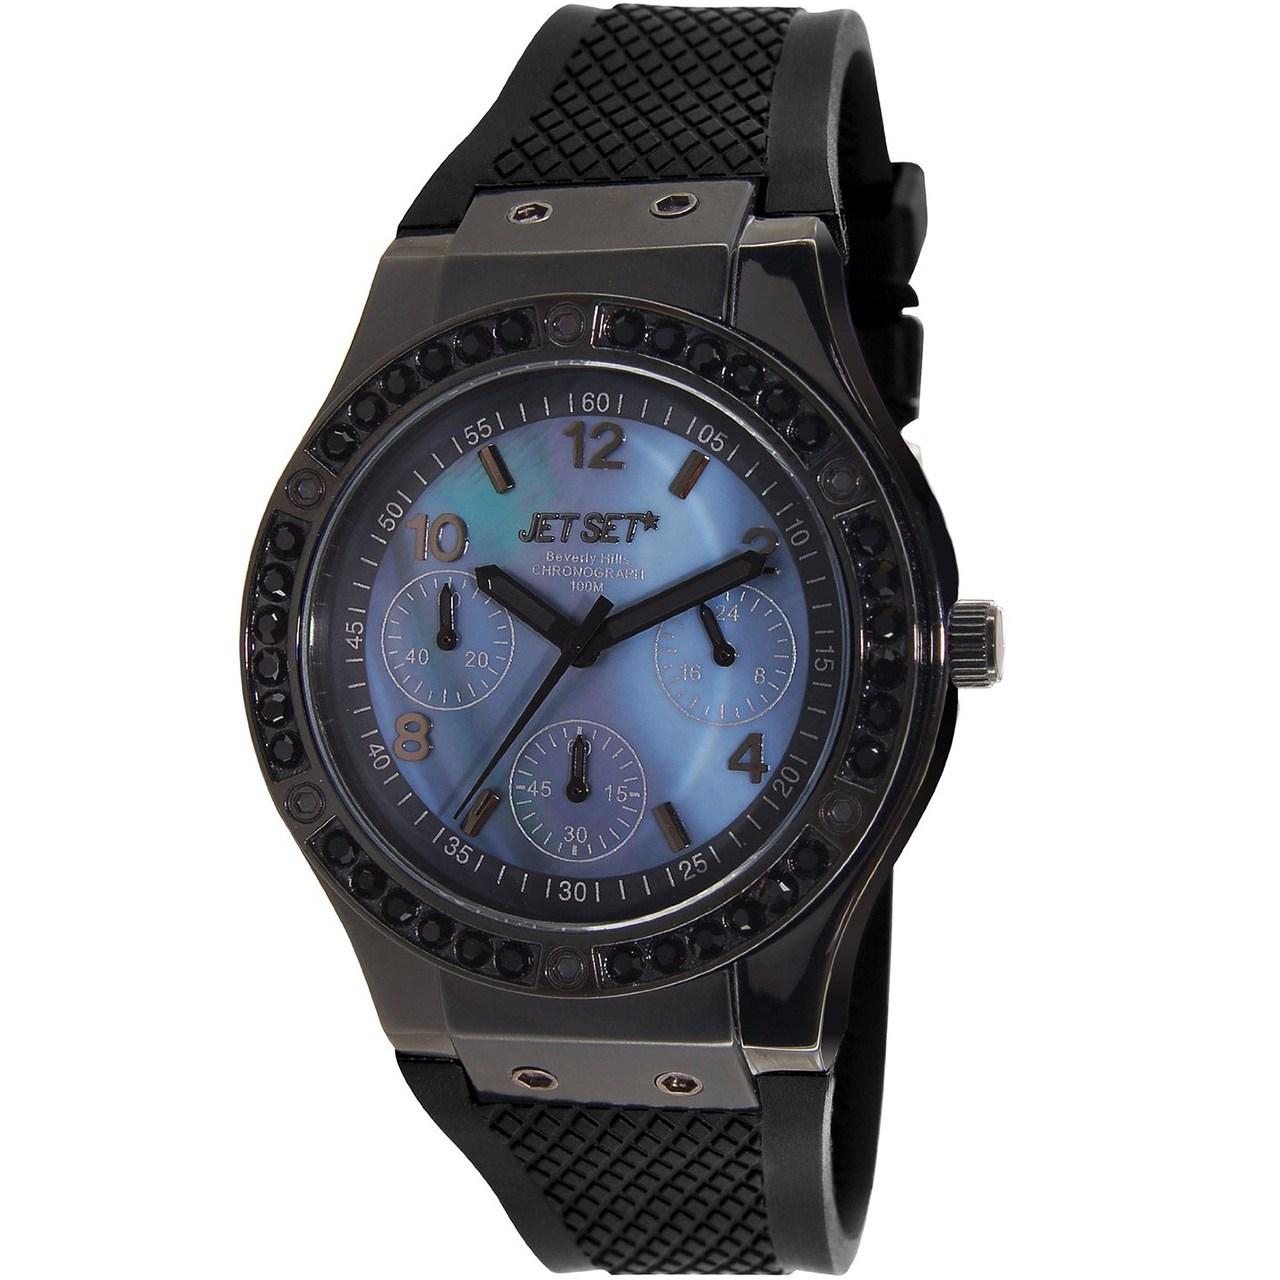 ساعت مچی عقربه ای زنانه جت ست مدل J6820B-037